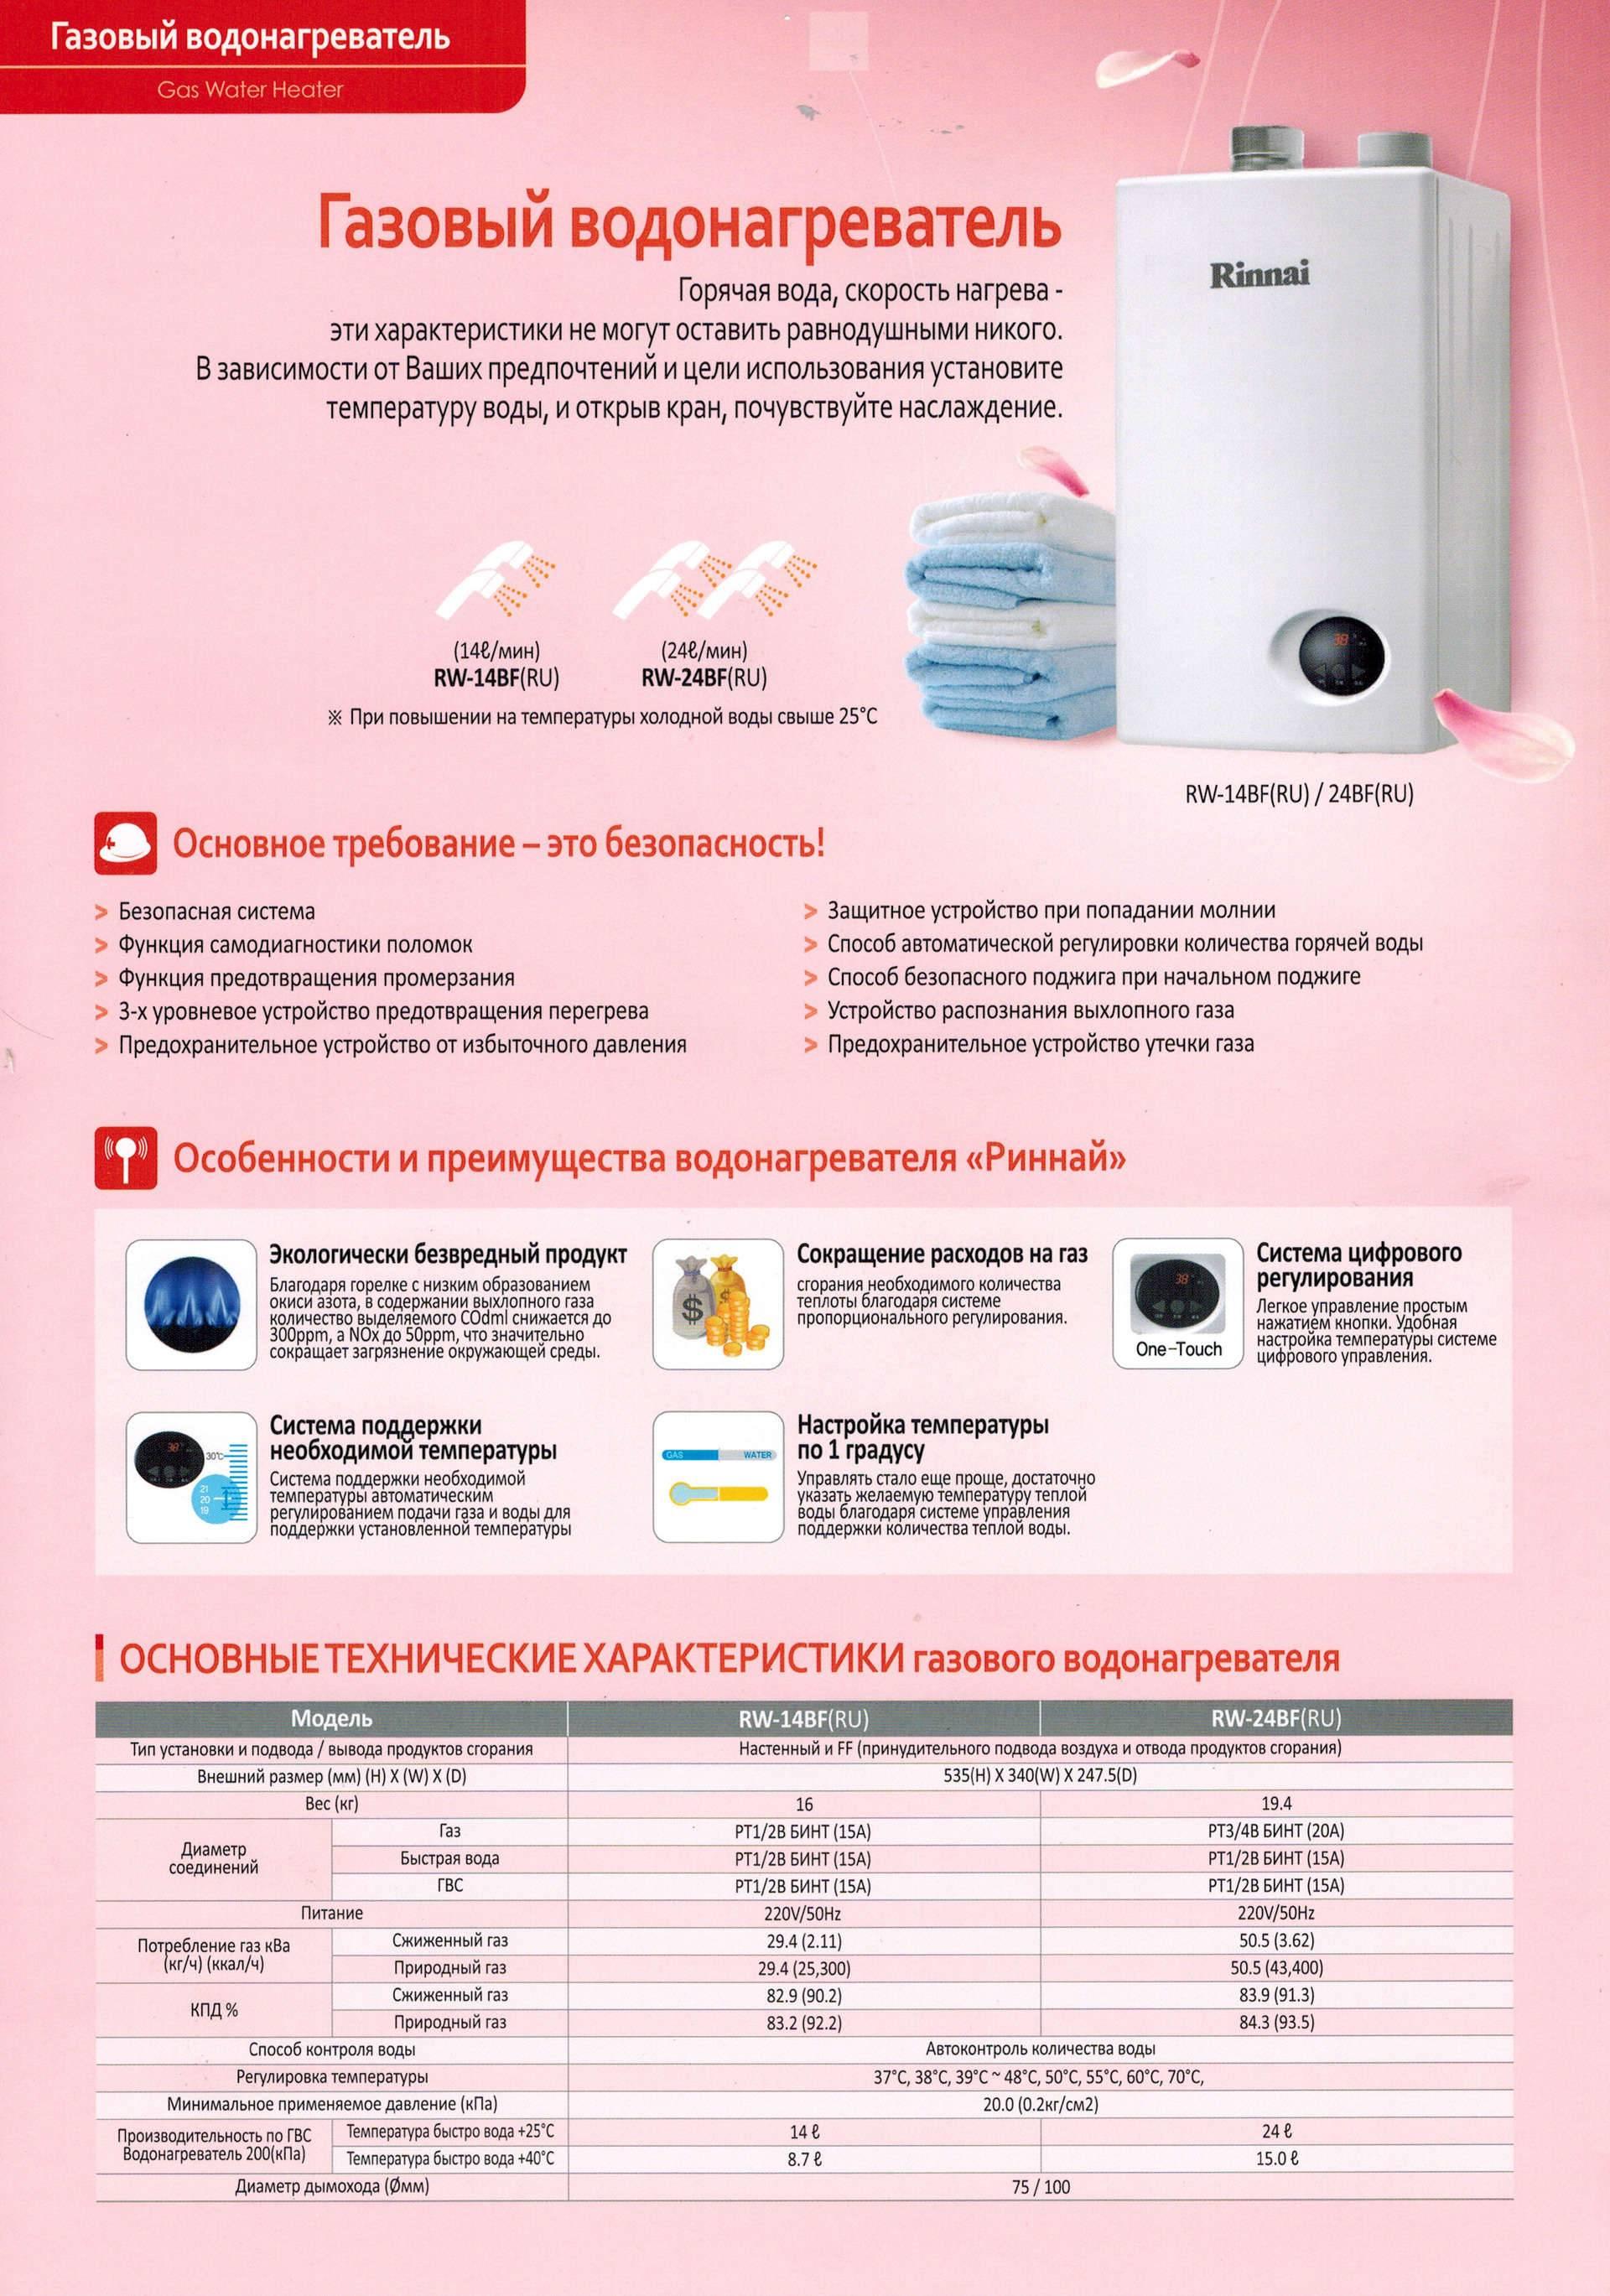 При нагреве воды в водонагревателей повышается давление